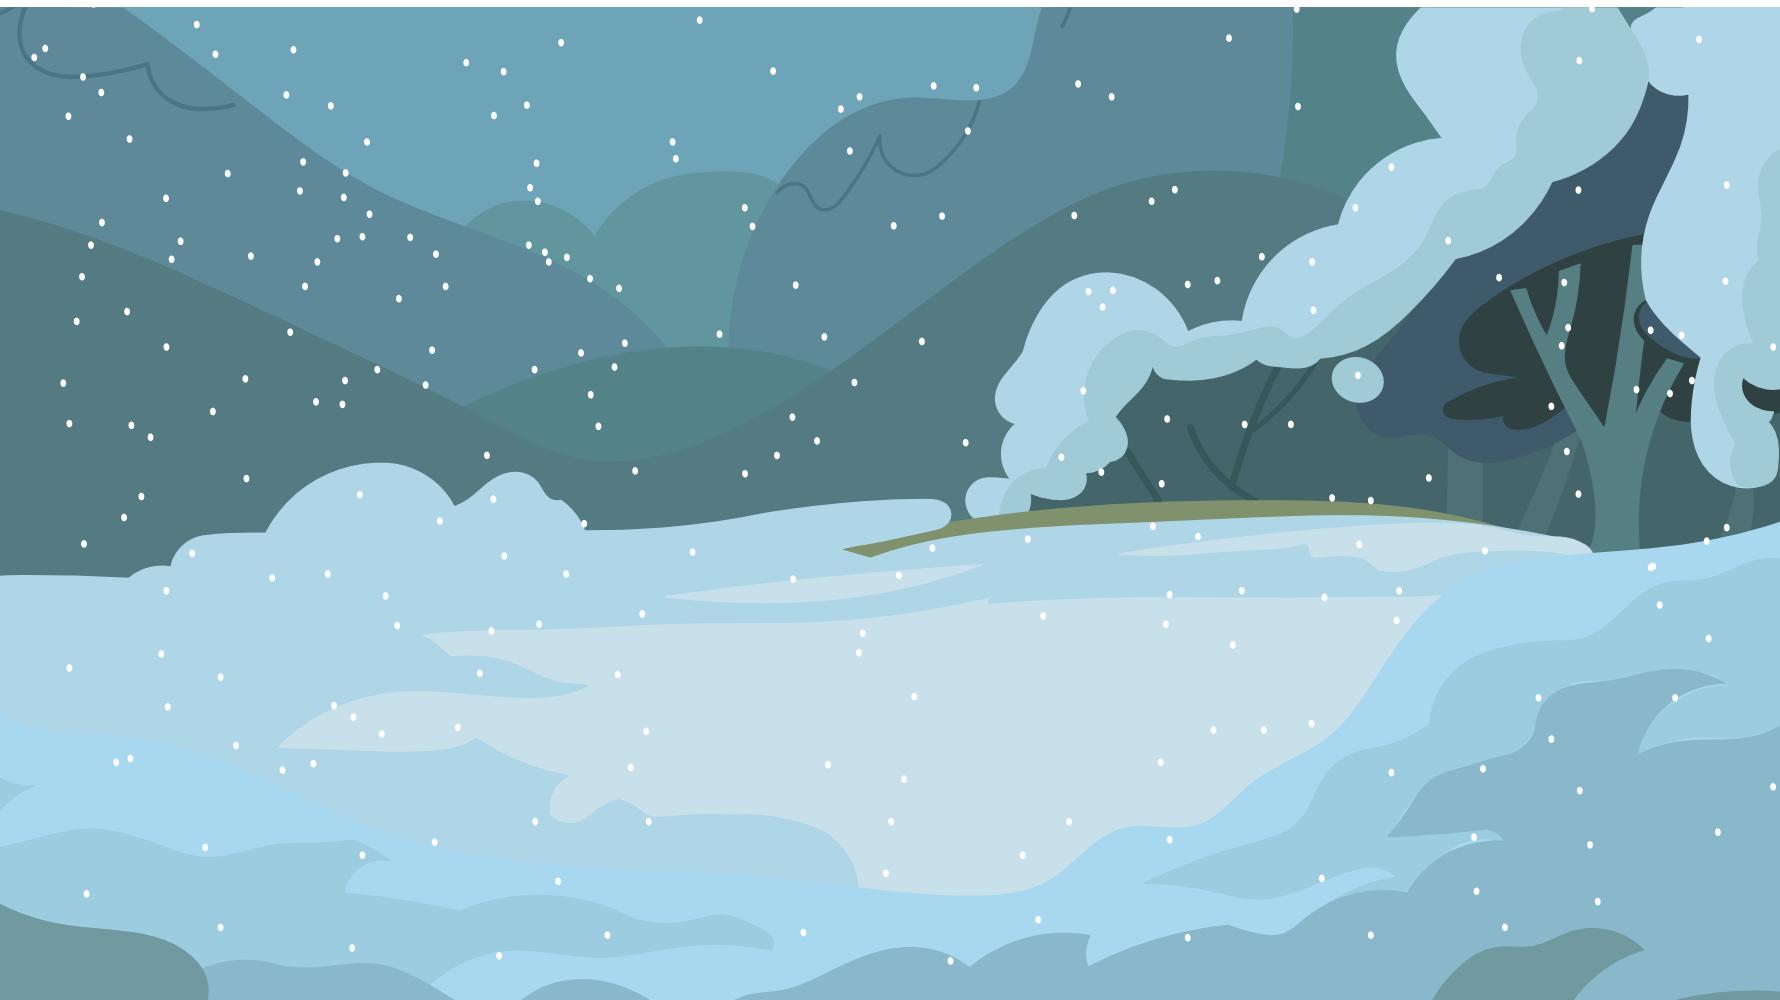 Dark Snow Background by Grim-S-Morrison